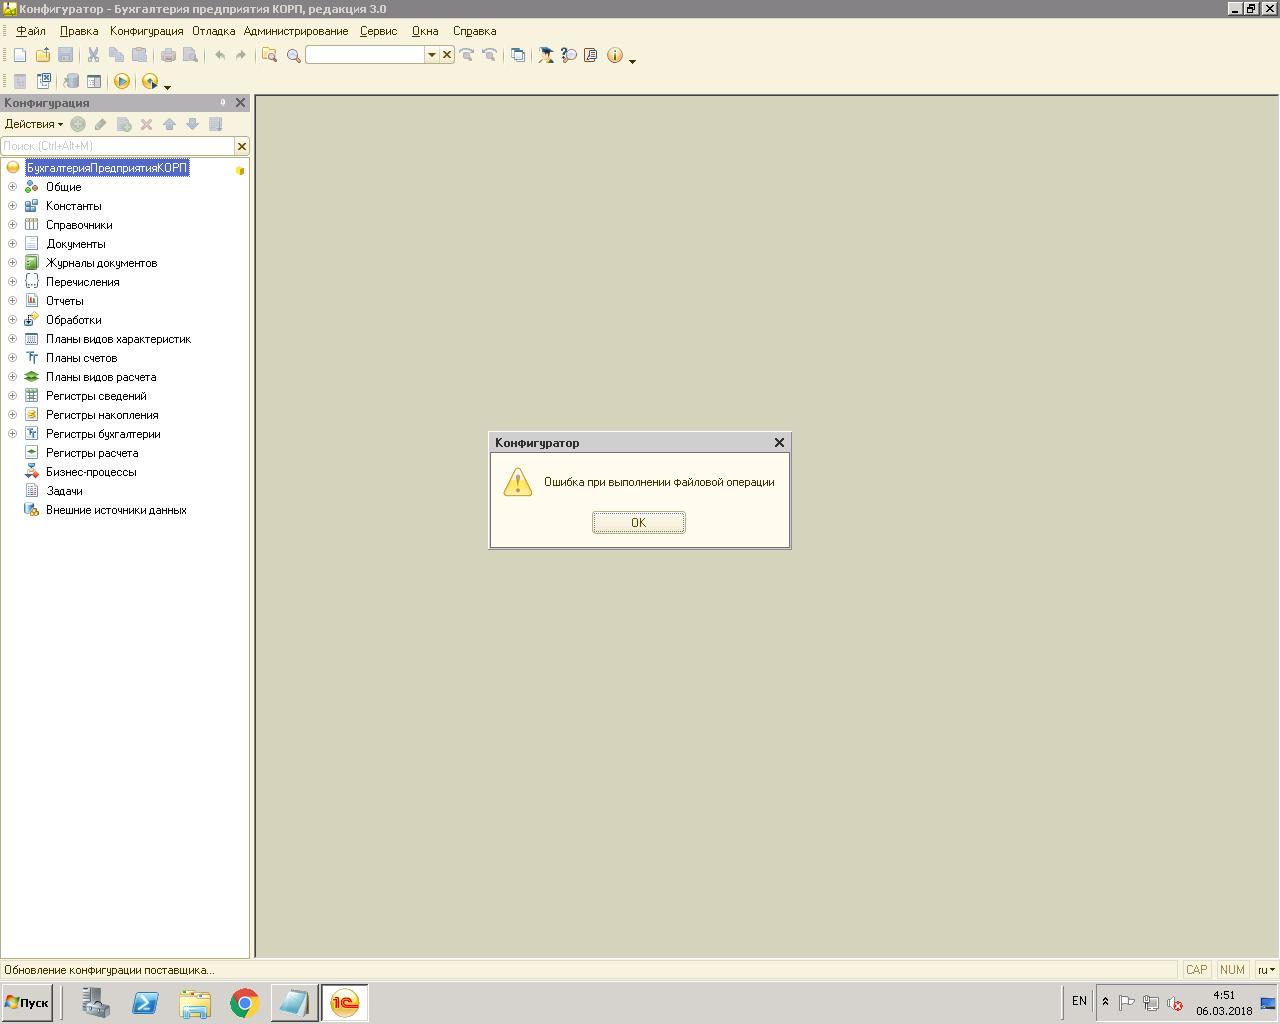 Ошибка при выполнении файловой операции 1с обновление настройка списка налогов и отчетов в 1с